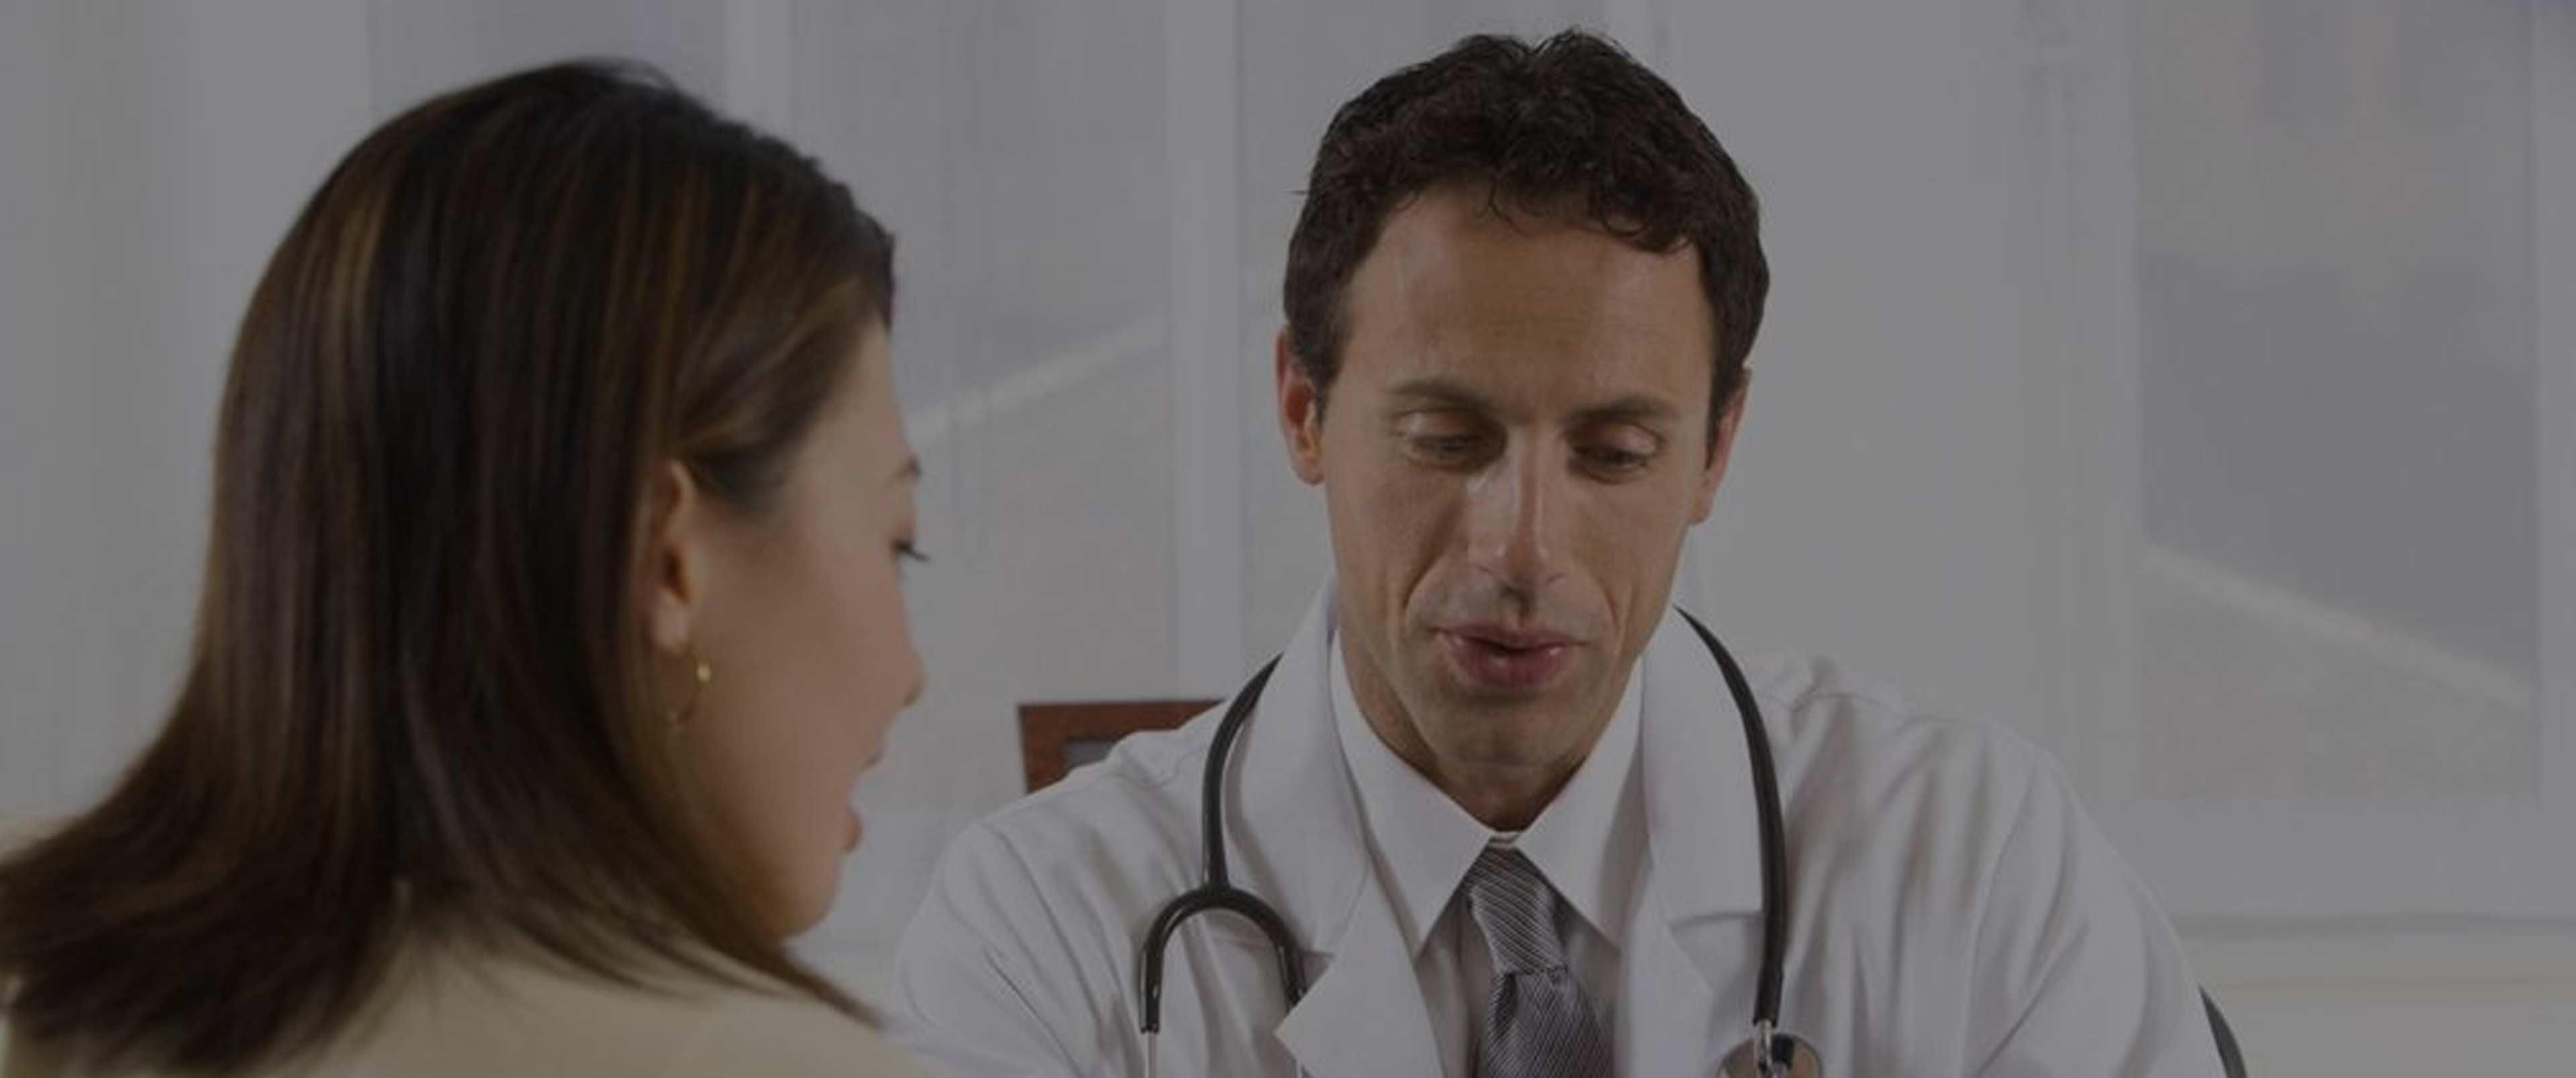 پزشک متخصص در منزل